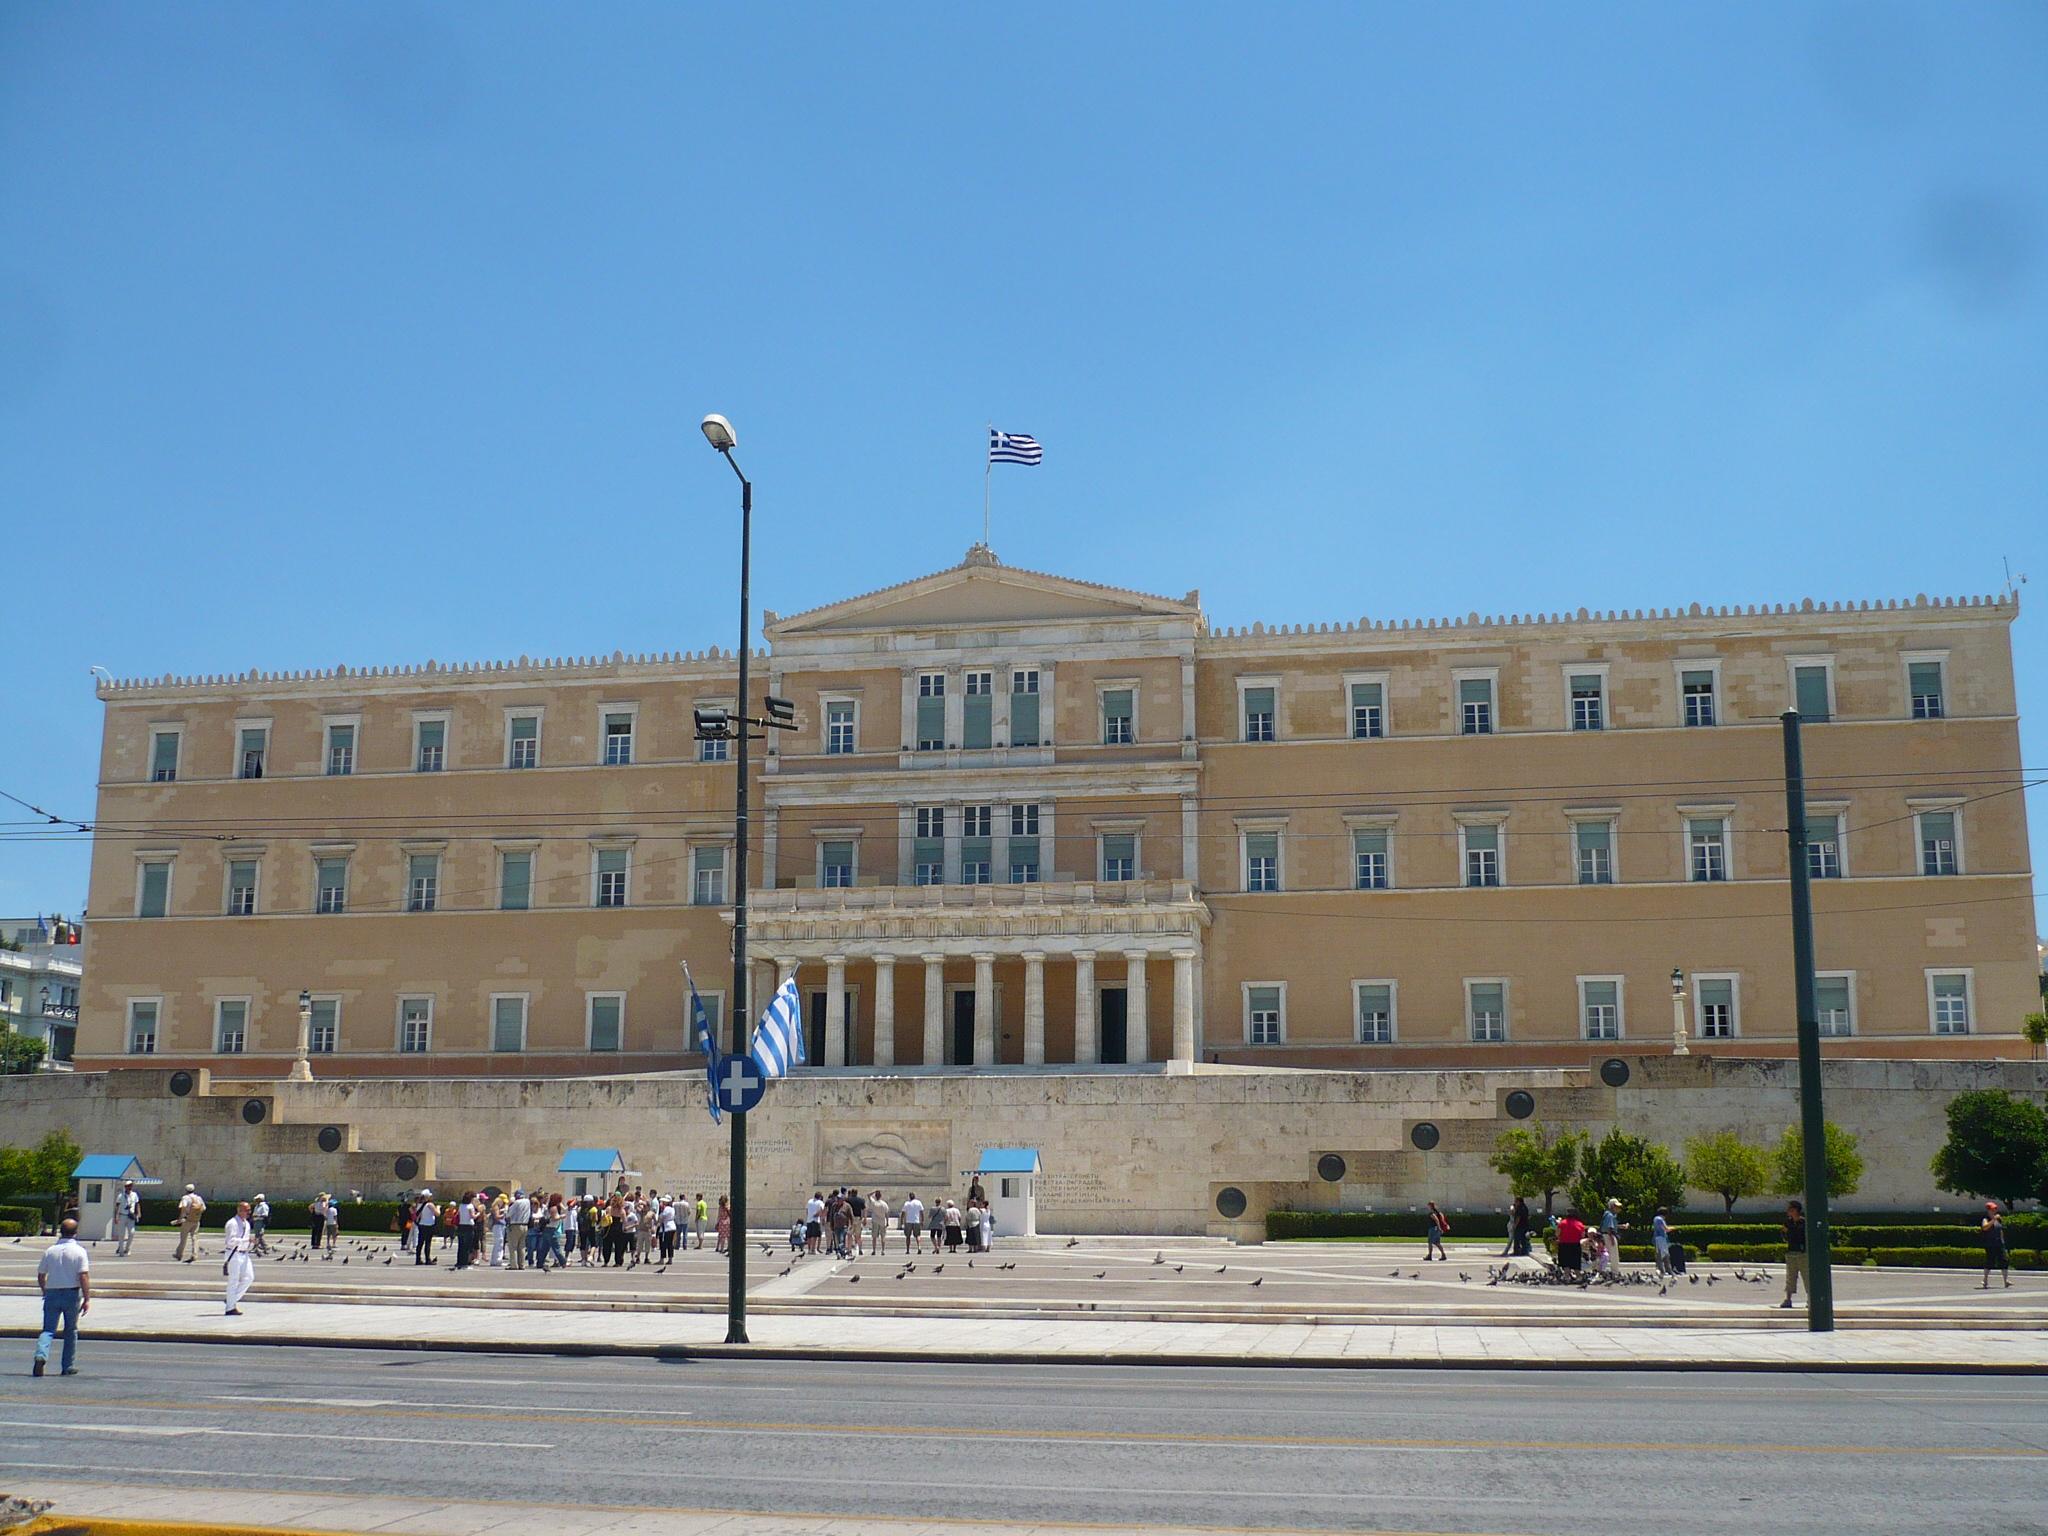 Athena - The Parliament